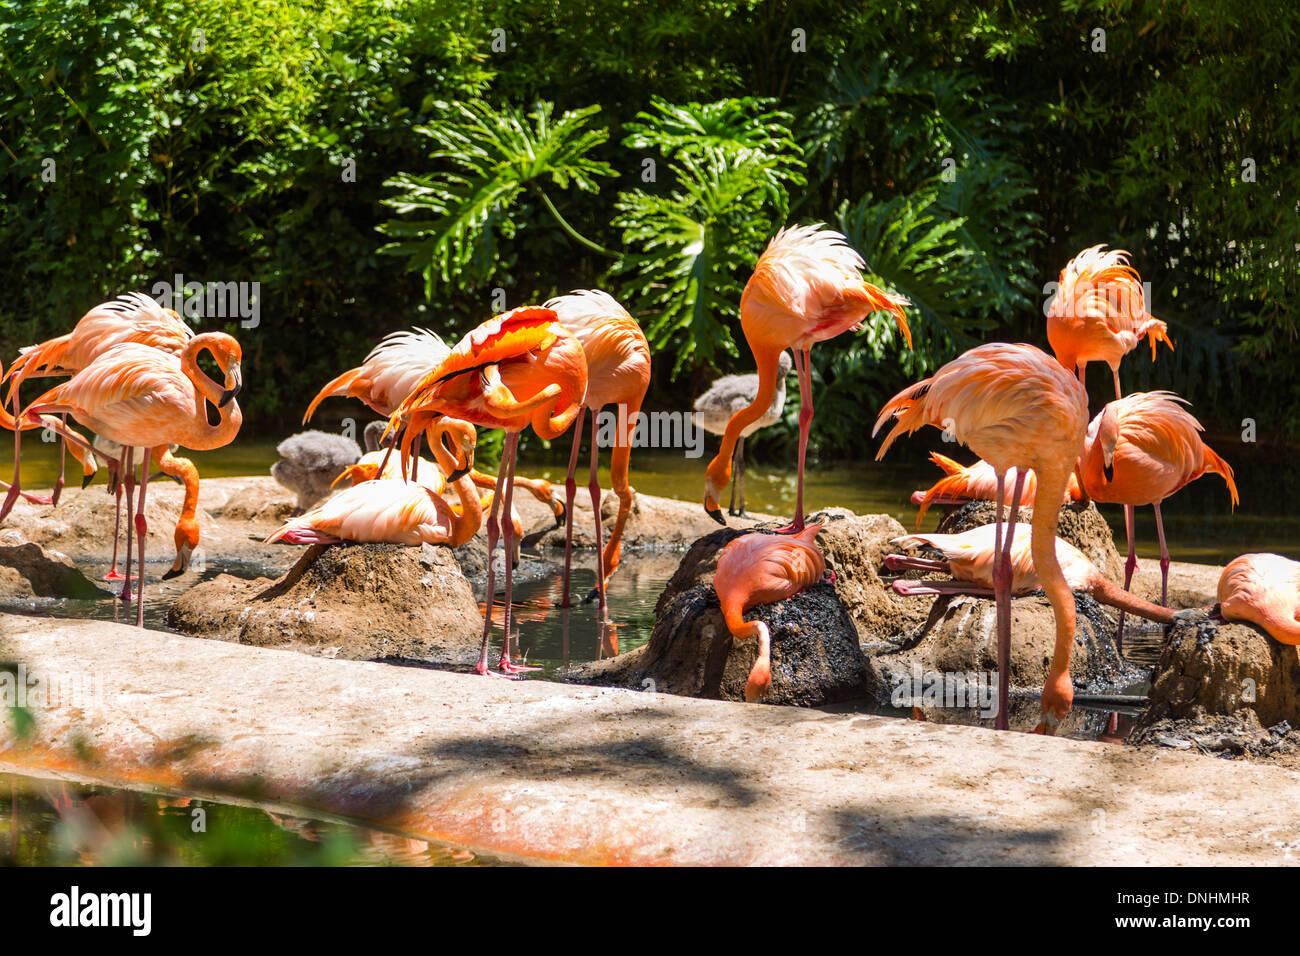 Bandada de flamencos en un zoo, el Zoo de Barcelona, Barcelona, Cataluña, España Foto de stock